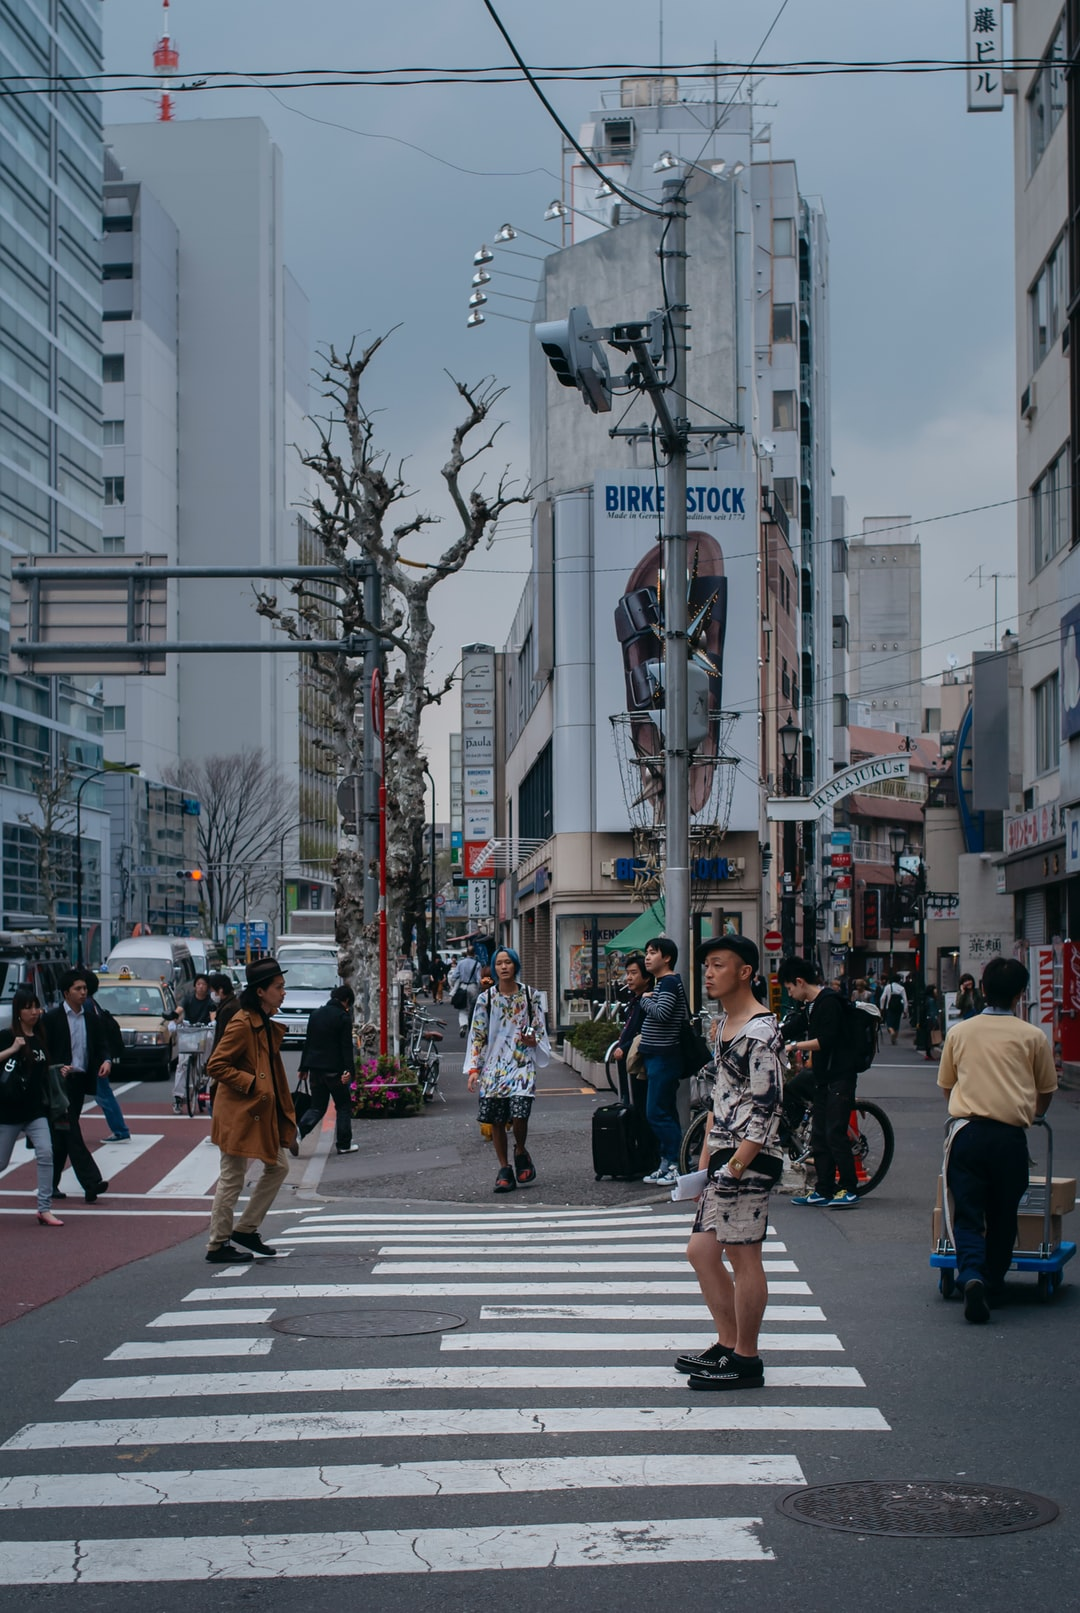 People walking down the street. Shinjuku District, Tokyo, Japan.